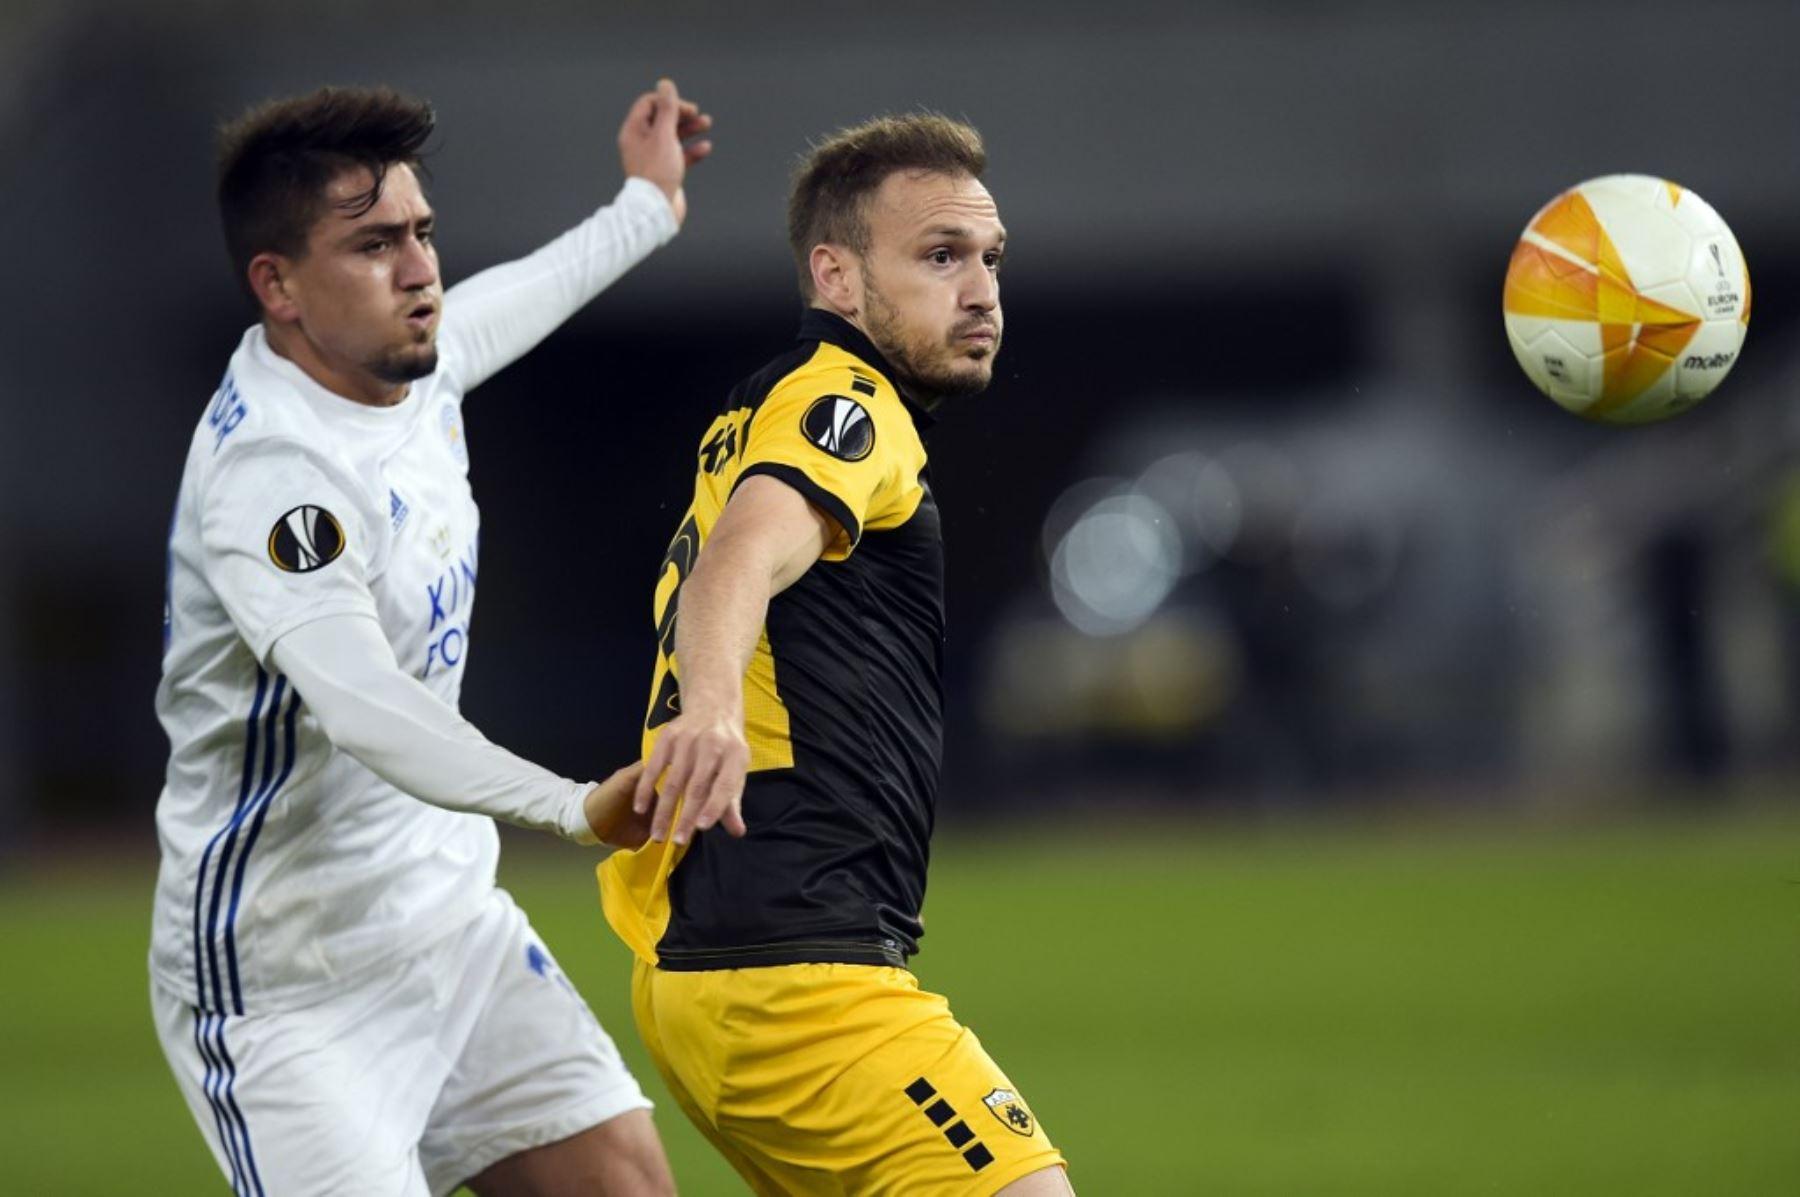 El jugador del AEK de Grecia, Stratos Svarnas, disputa el balón con Jamie Barney del Leicester por la Copa UEFA. Foto: AFP